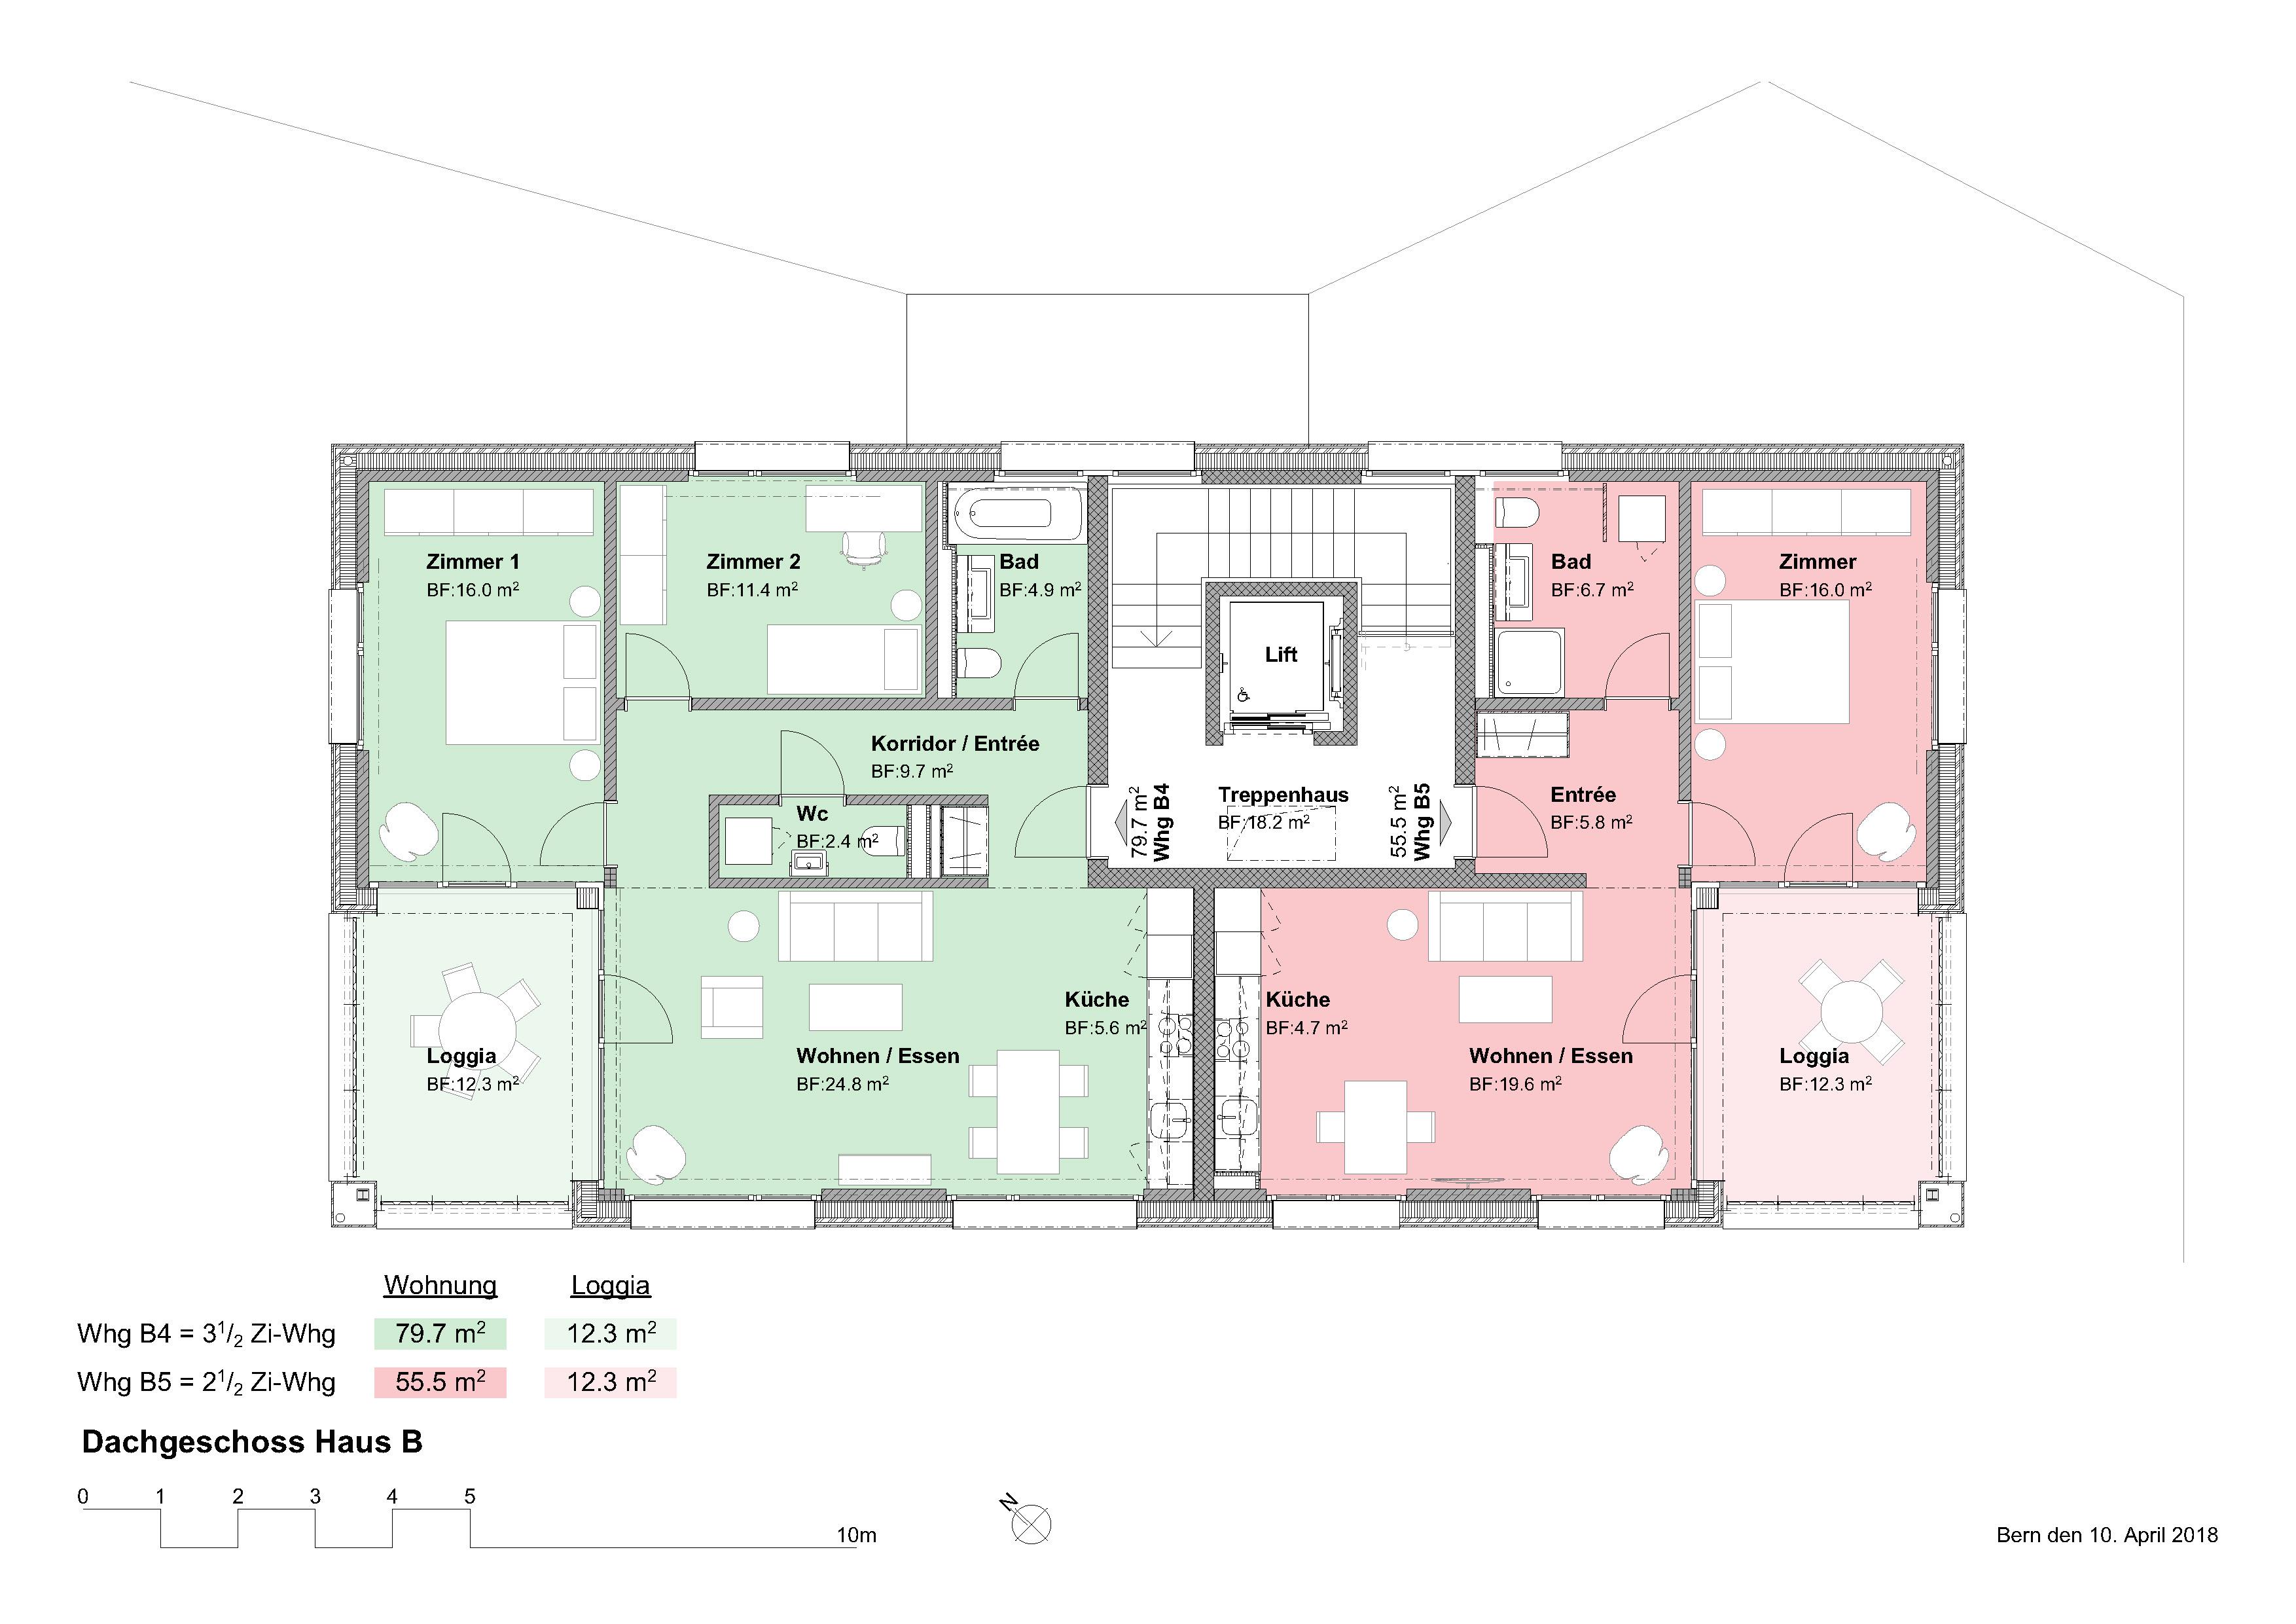 04_Dachgeschoss Haus B